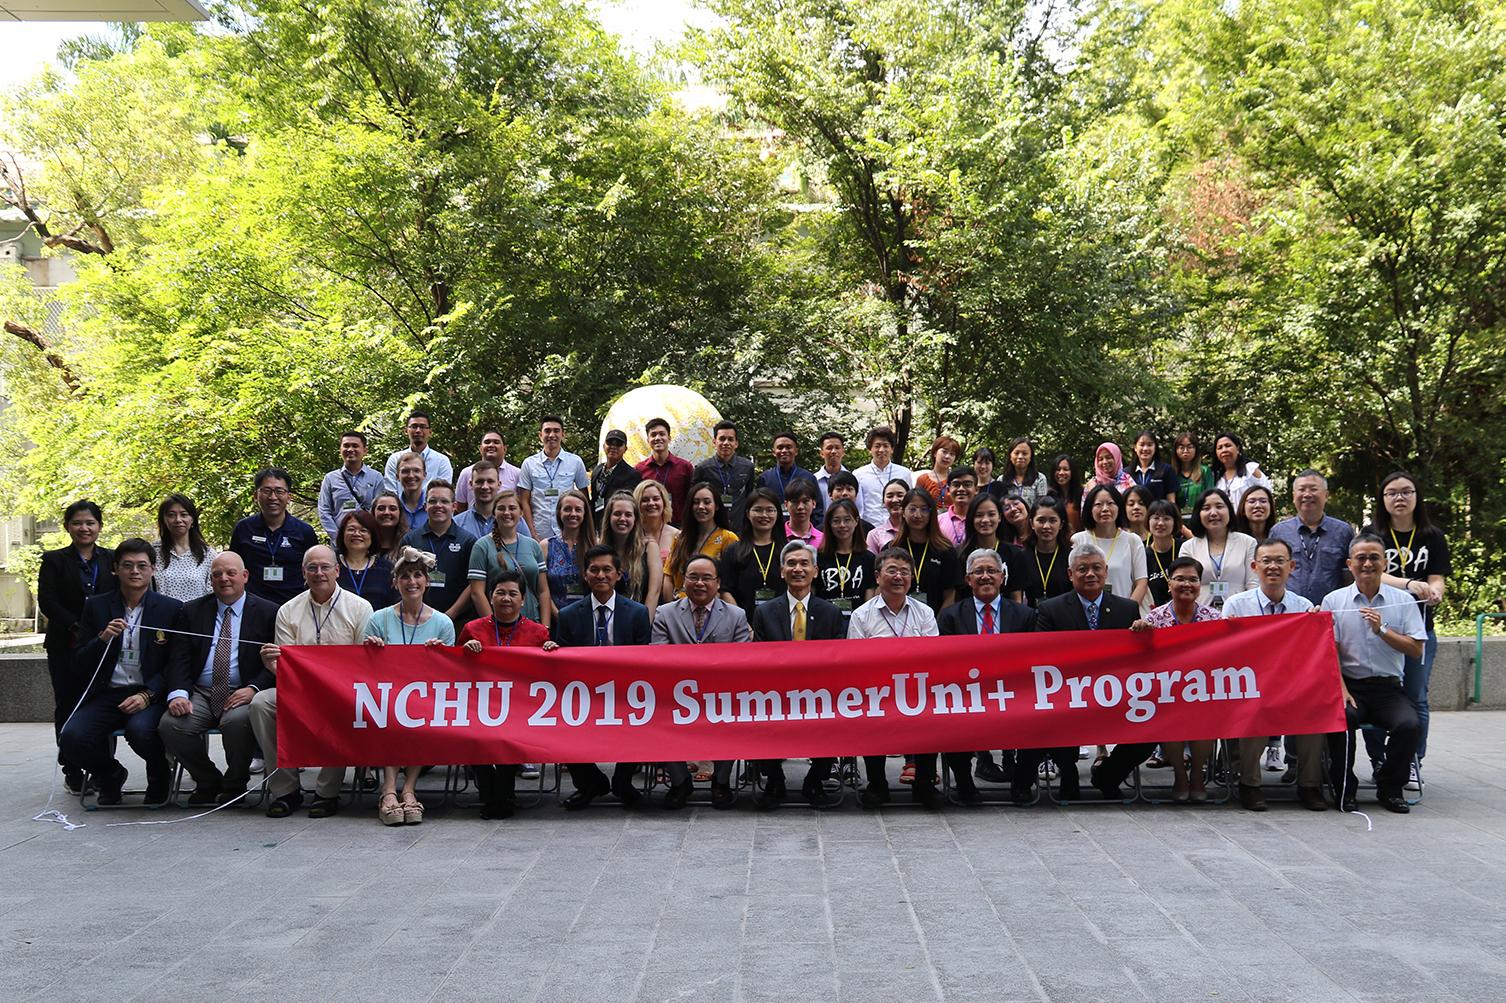 興大開辦姊妹校暑期課程,內容包含農業、生態旅遊與台灣文化體驗 (2)